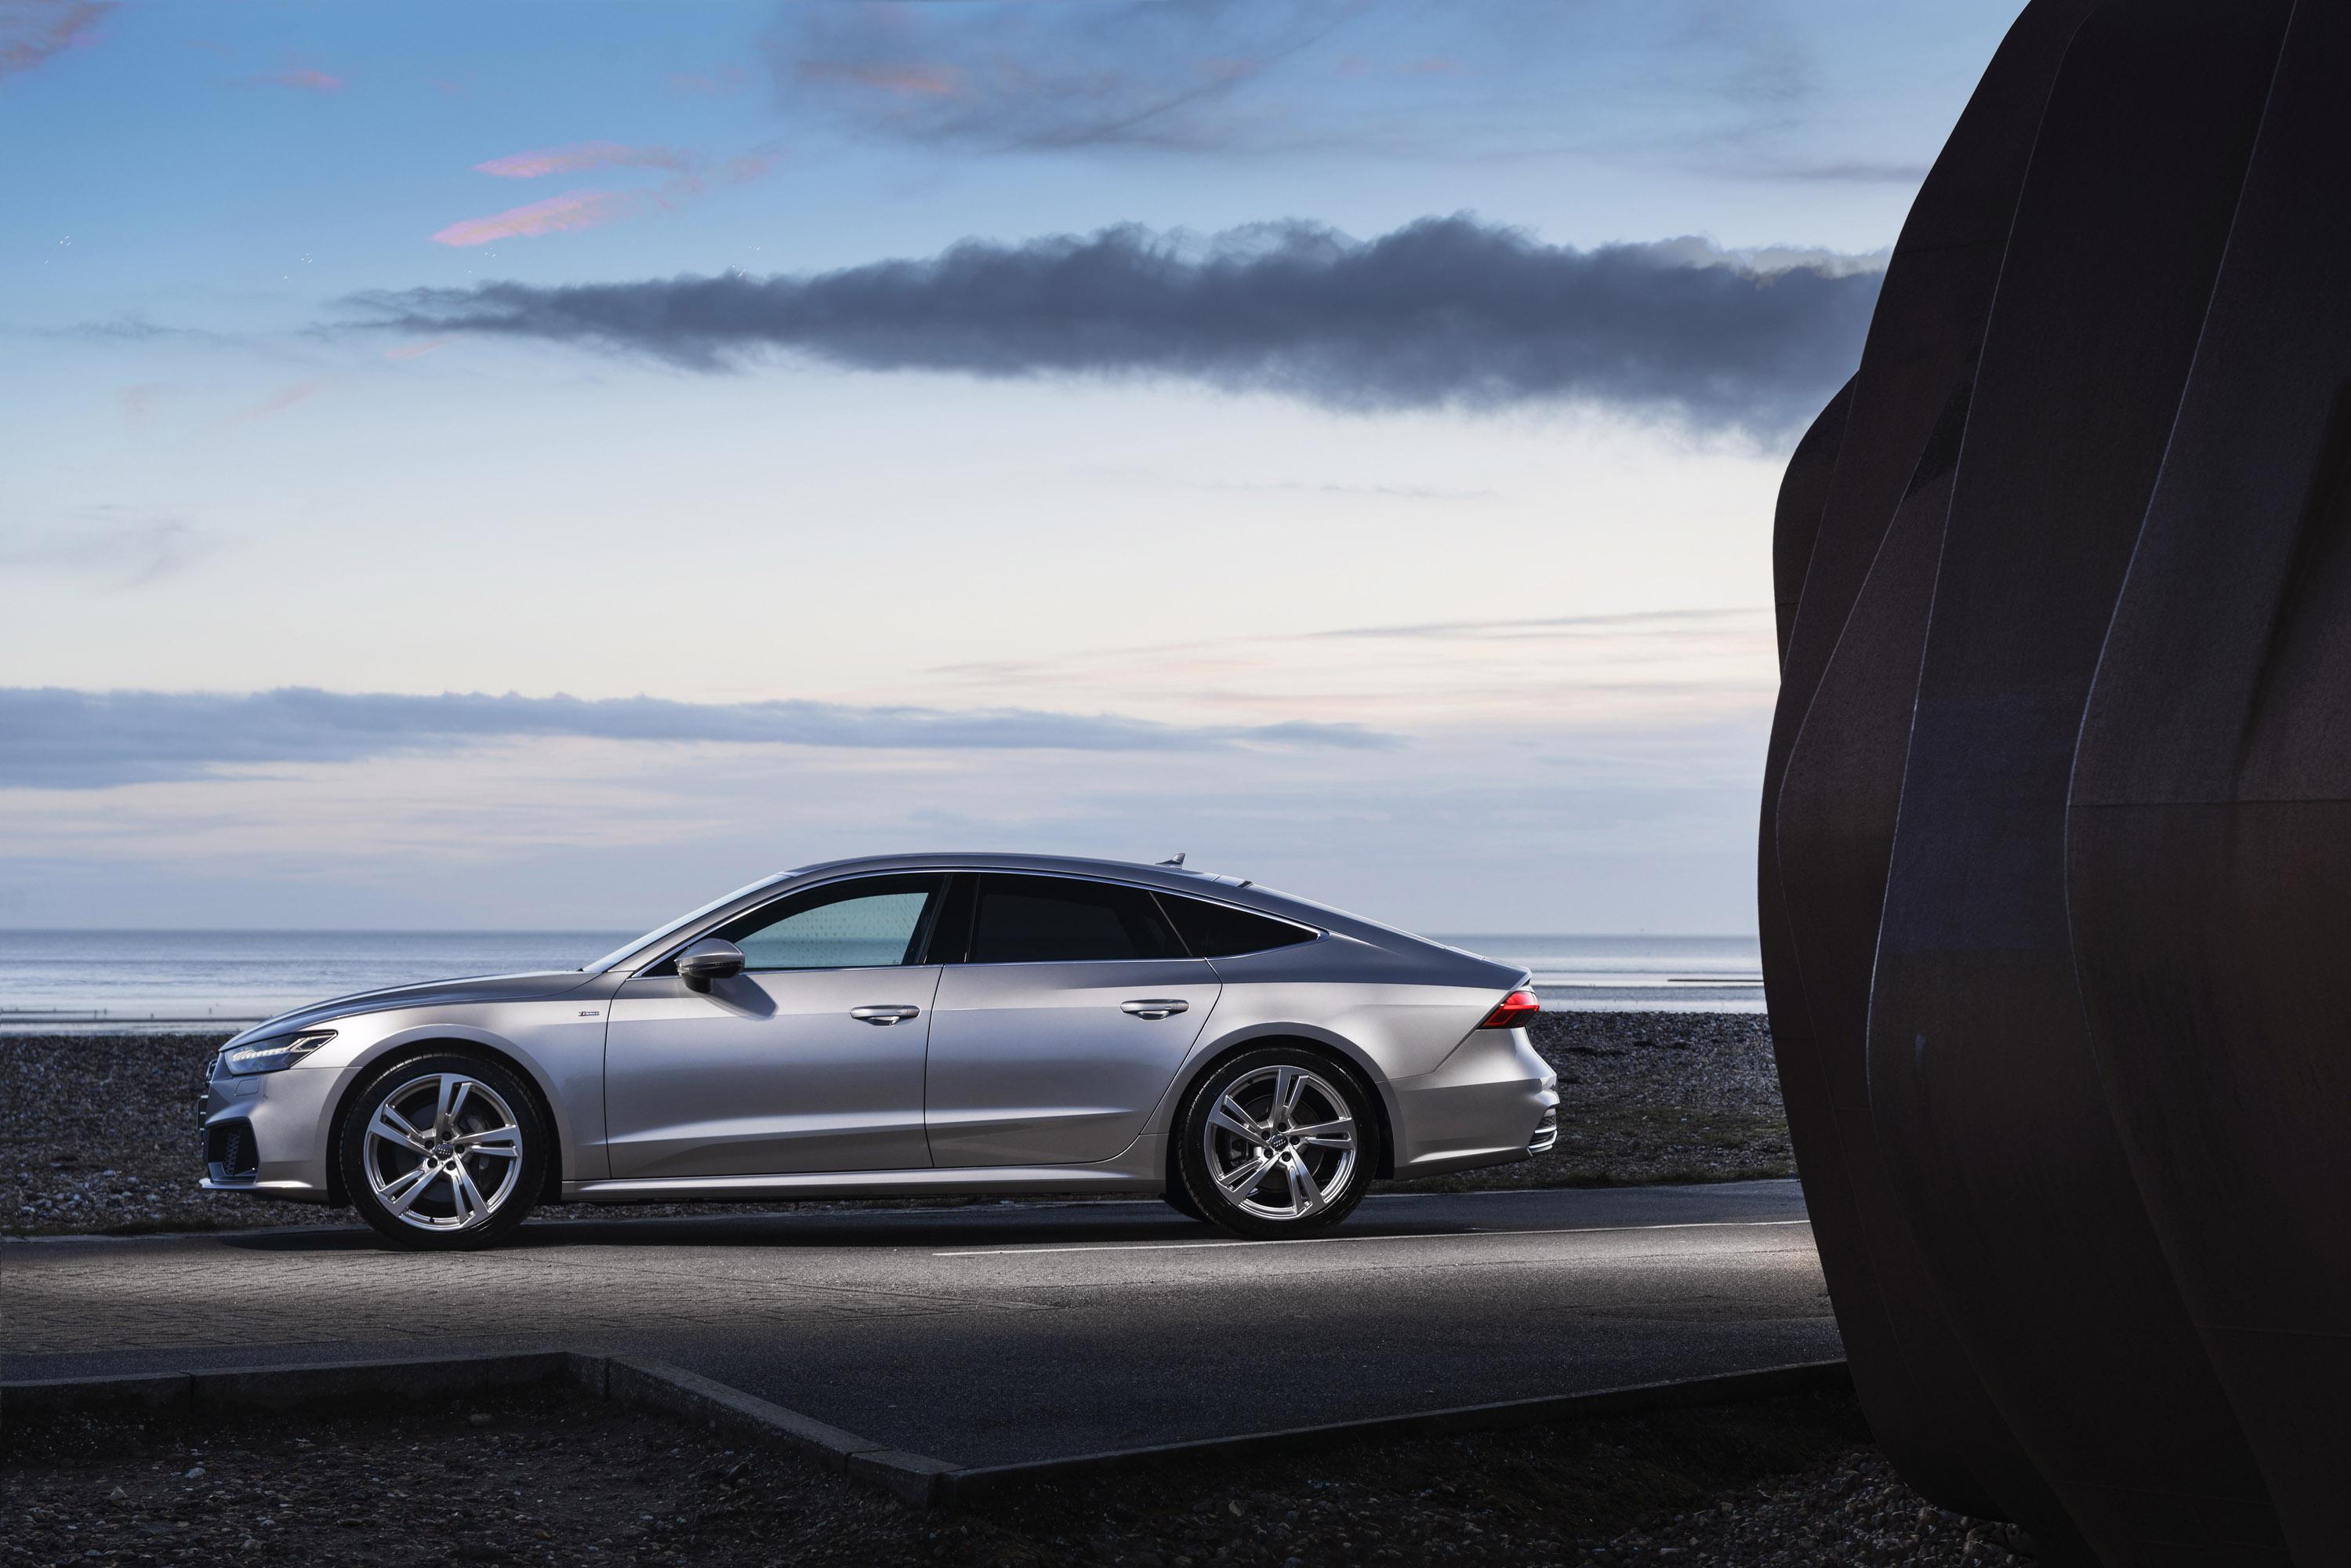 И хотя этот новый автомобиль имеет самую низкую мощность в целом по линейке A7, он не испытывает недостатка в производительности и гибкости - автомобиль может достигать 100 км/ч всего за 6,5 секунды и имеет максимальную скорость 250 км/ч.